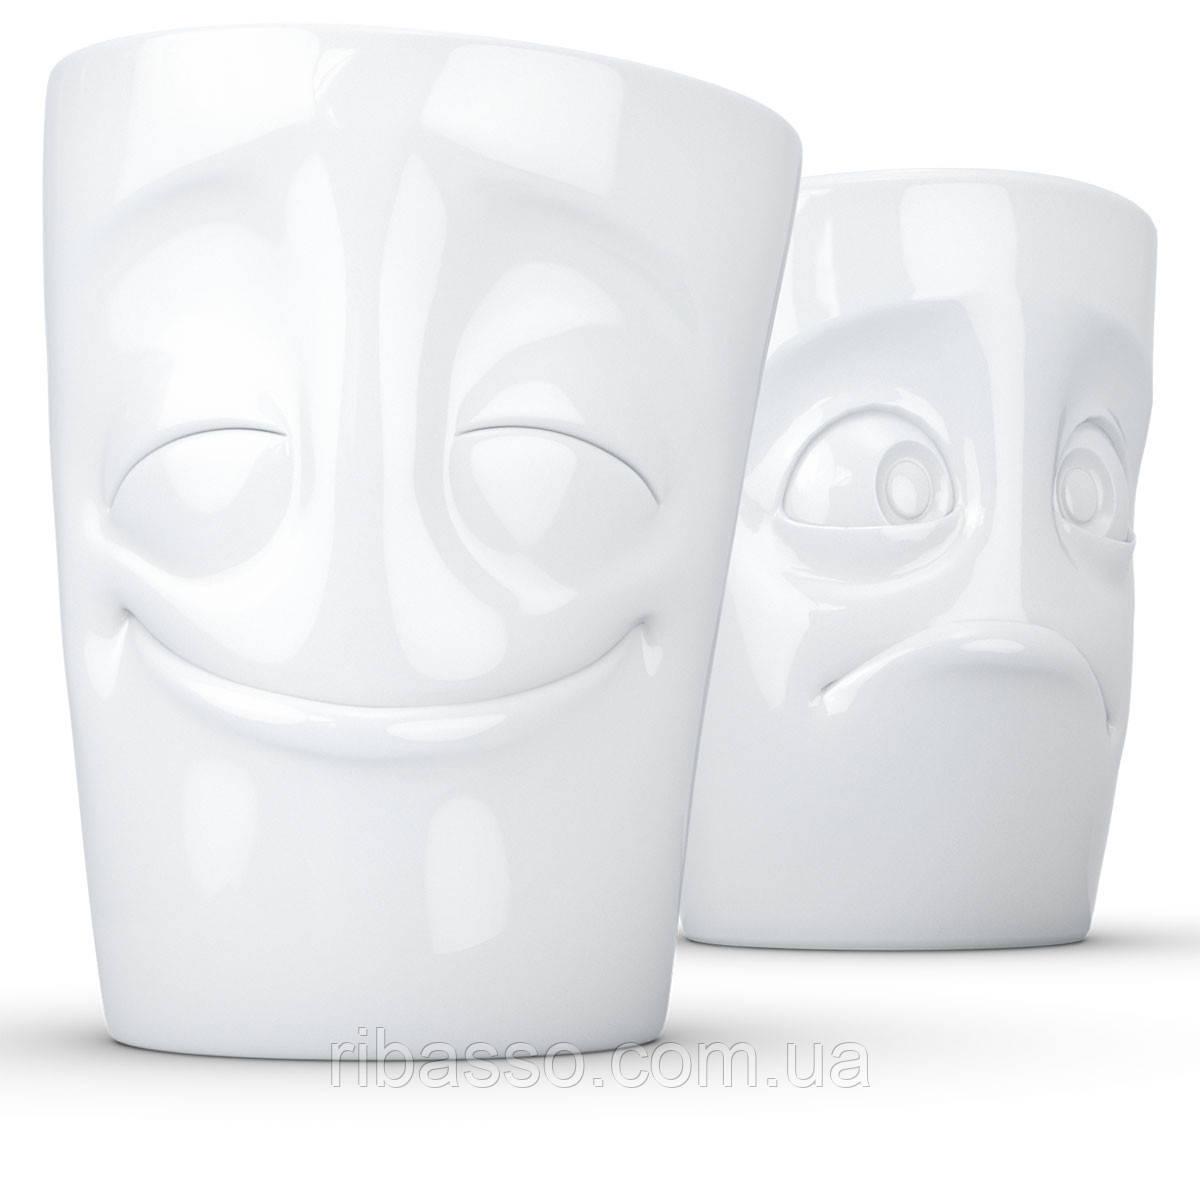 Набор Tassen Весельчак и Скромняга из двух фарфоровых чашек (350 мл)